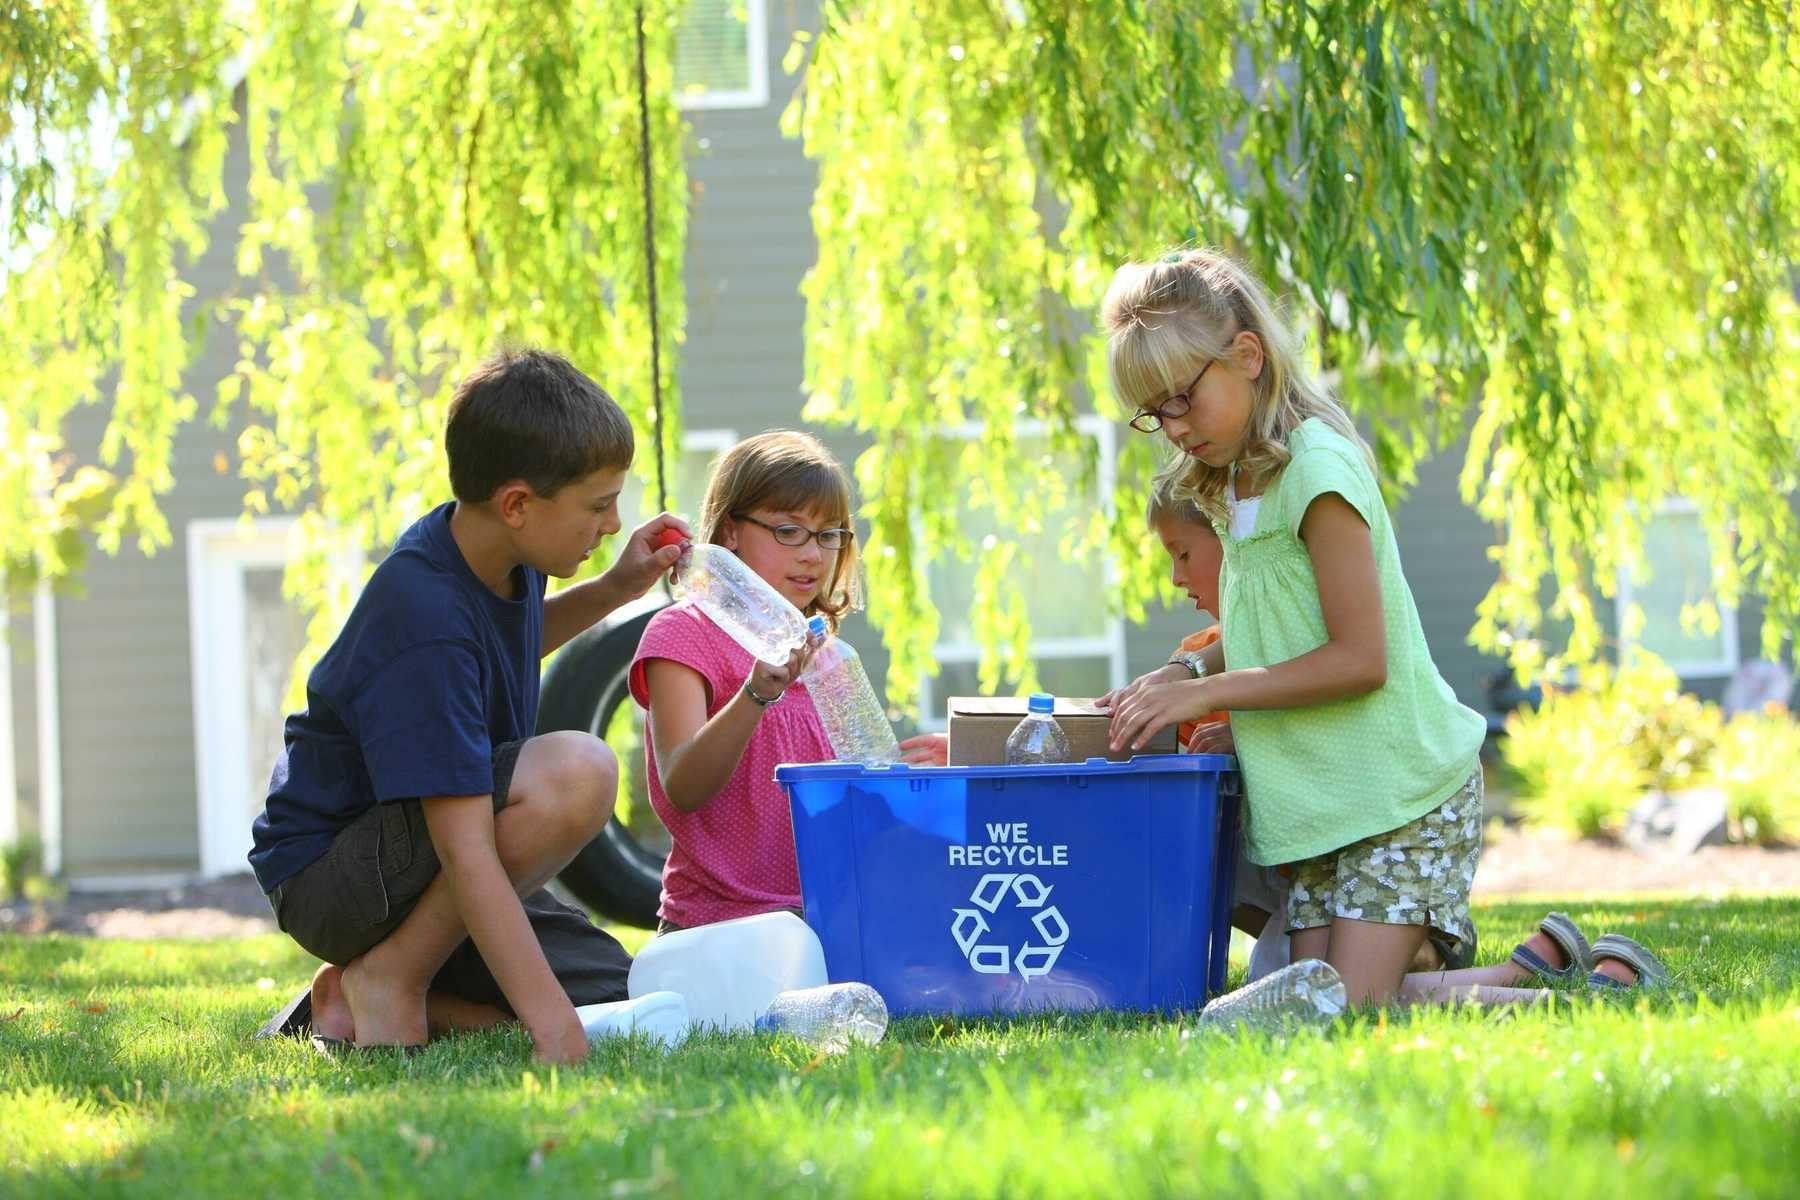 cách bảo vệ môi trường ngay tại nhà bạn nên dạy cho trẻ